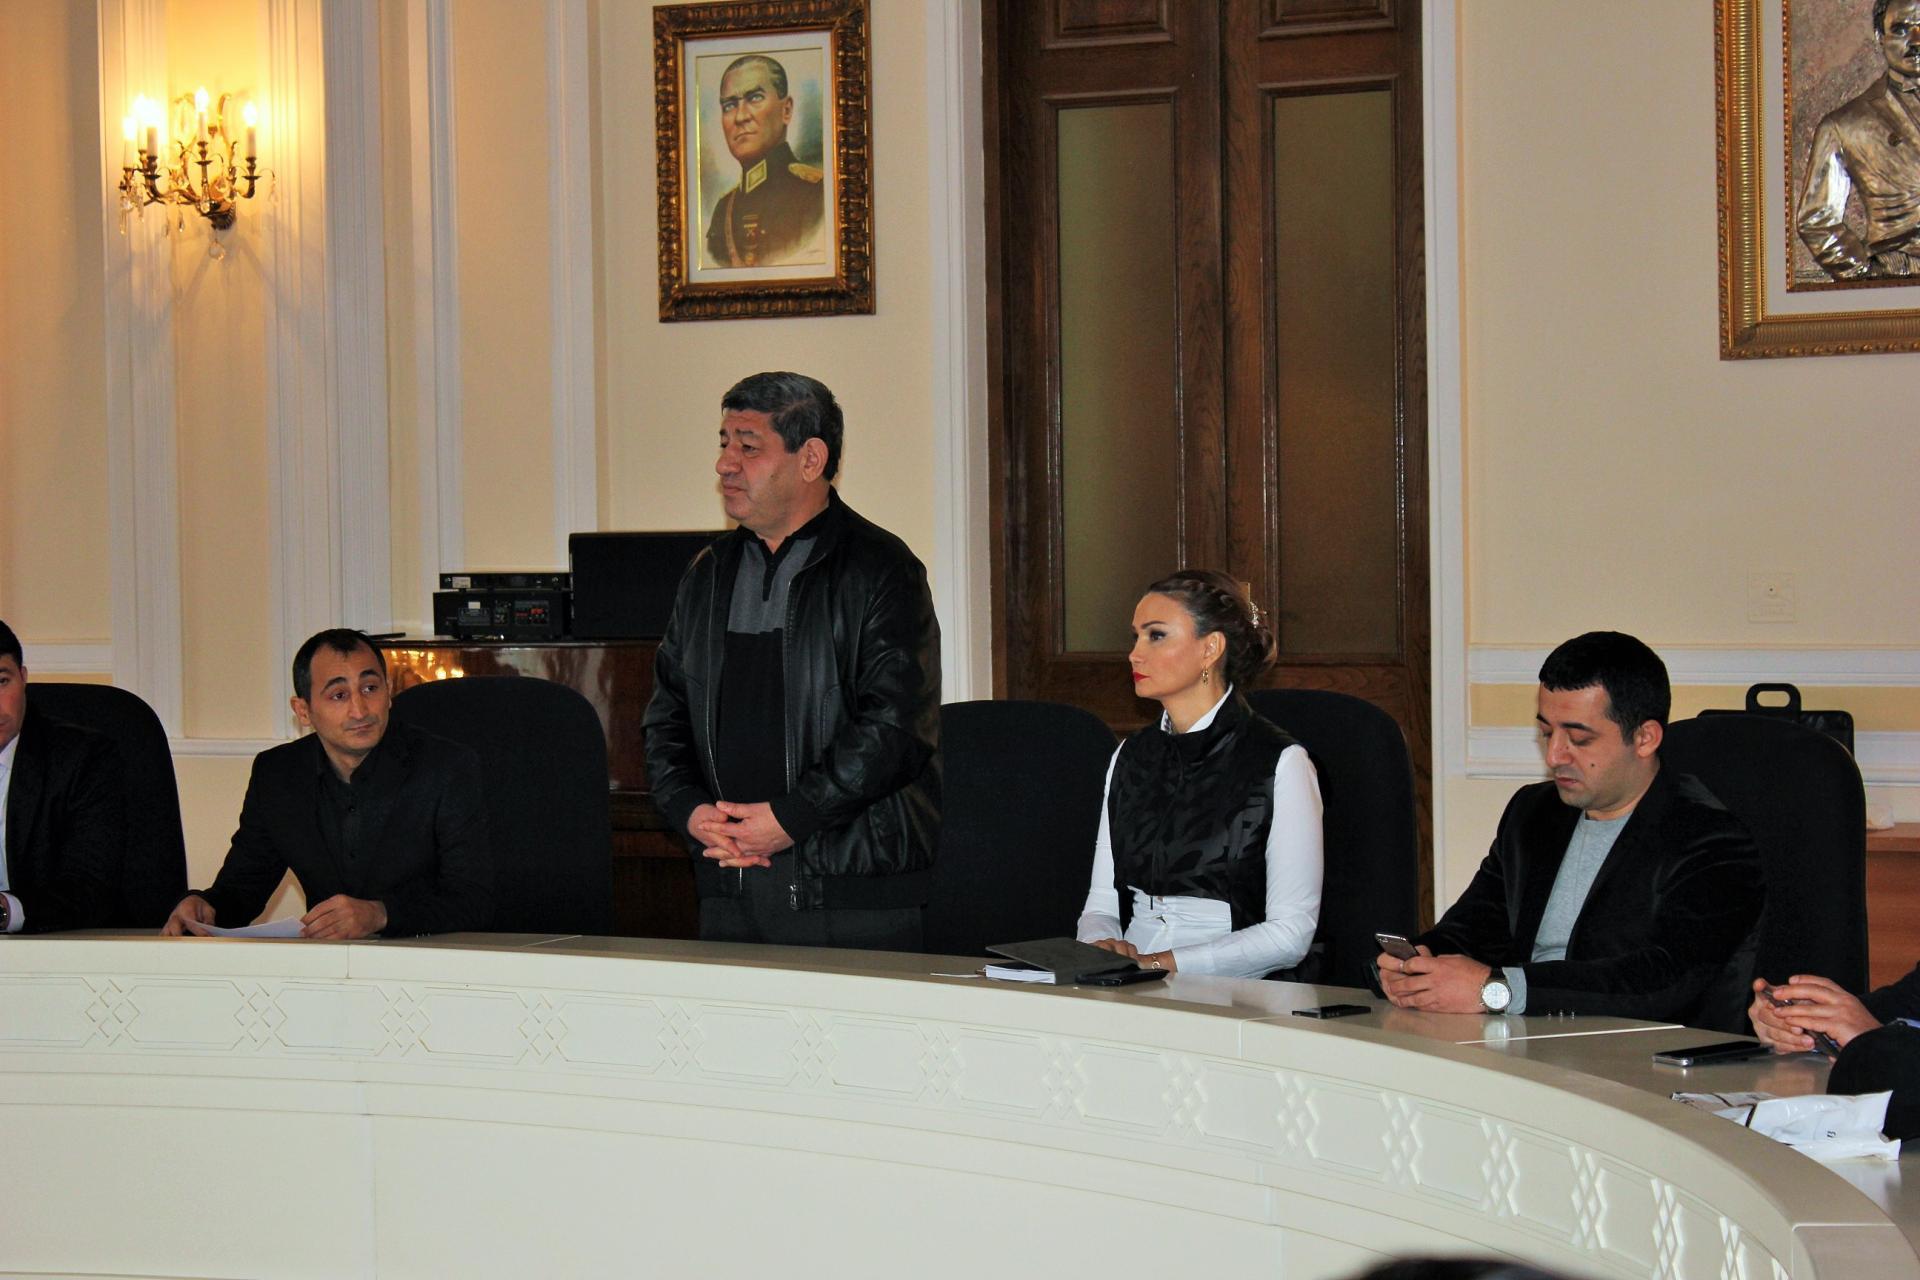 Millət vəkili Qənirə Paşayeva Dünya Alpaqut Federasiyasının 1-ci vitse prezidenti seçildi (FOTO)